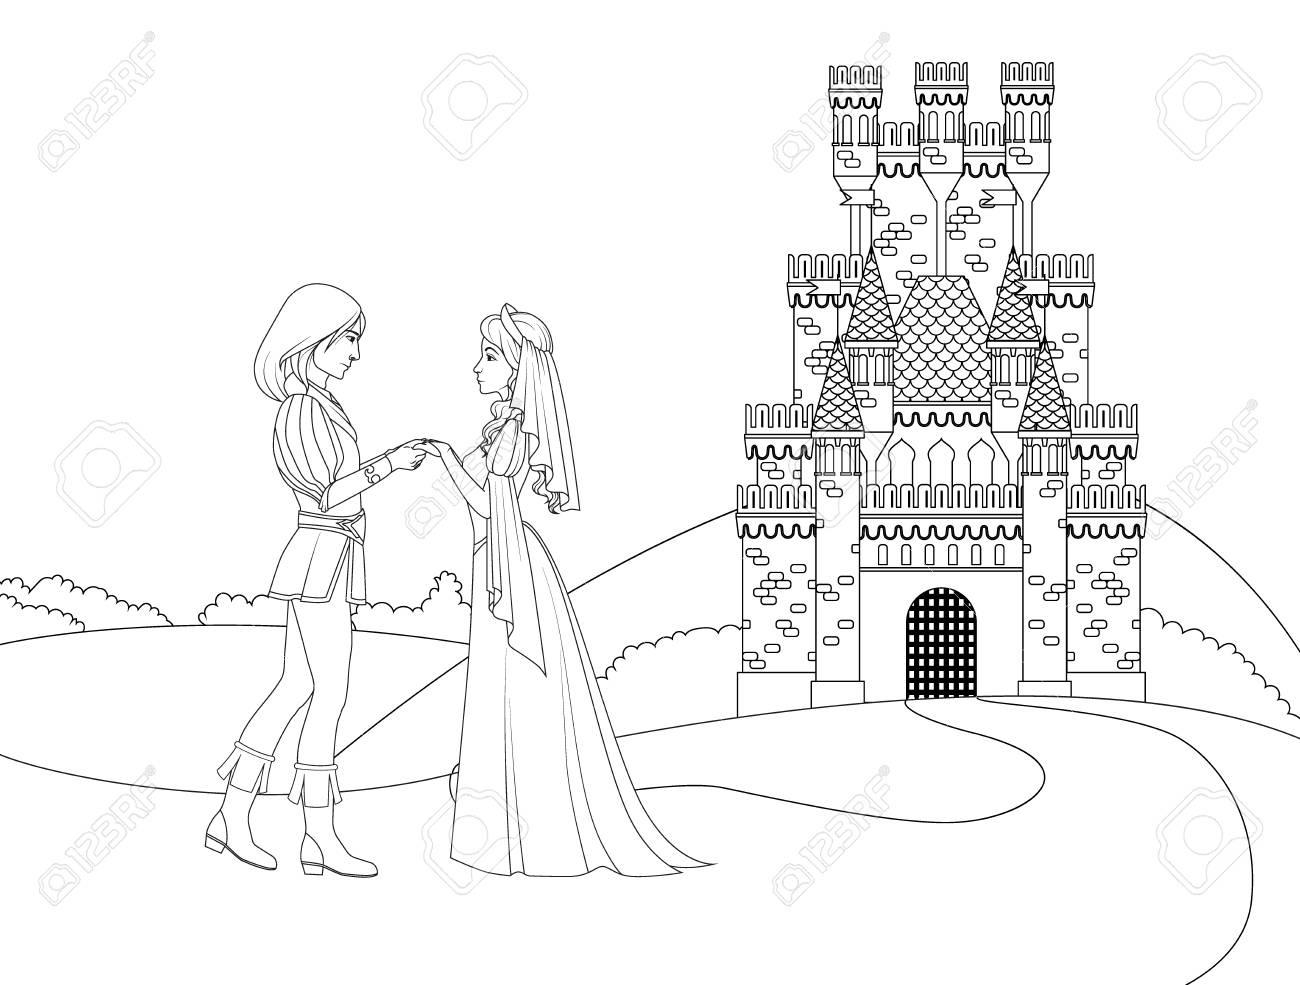 Livre De Coloriage: Prince Et Princesse Devant Le Château dedans Chateau De Princesse Dessin